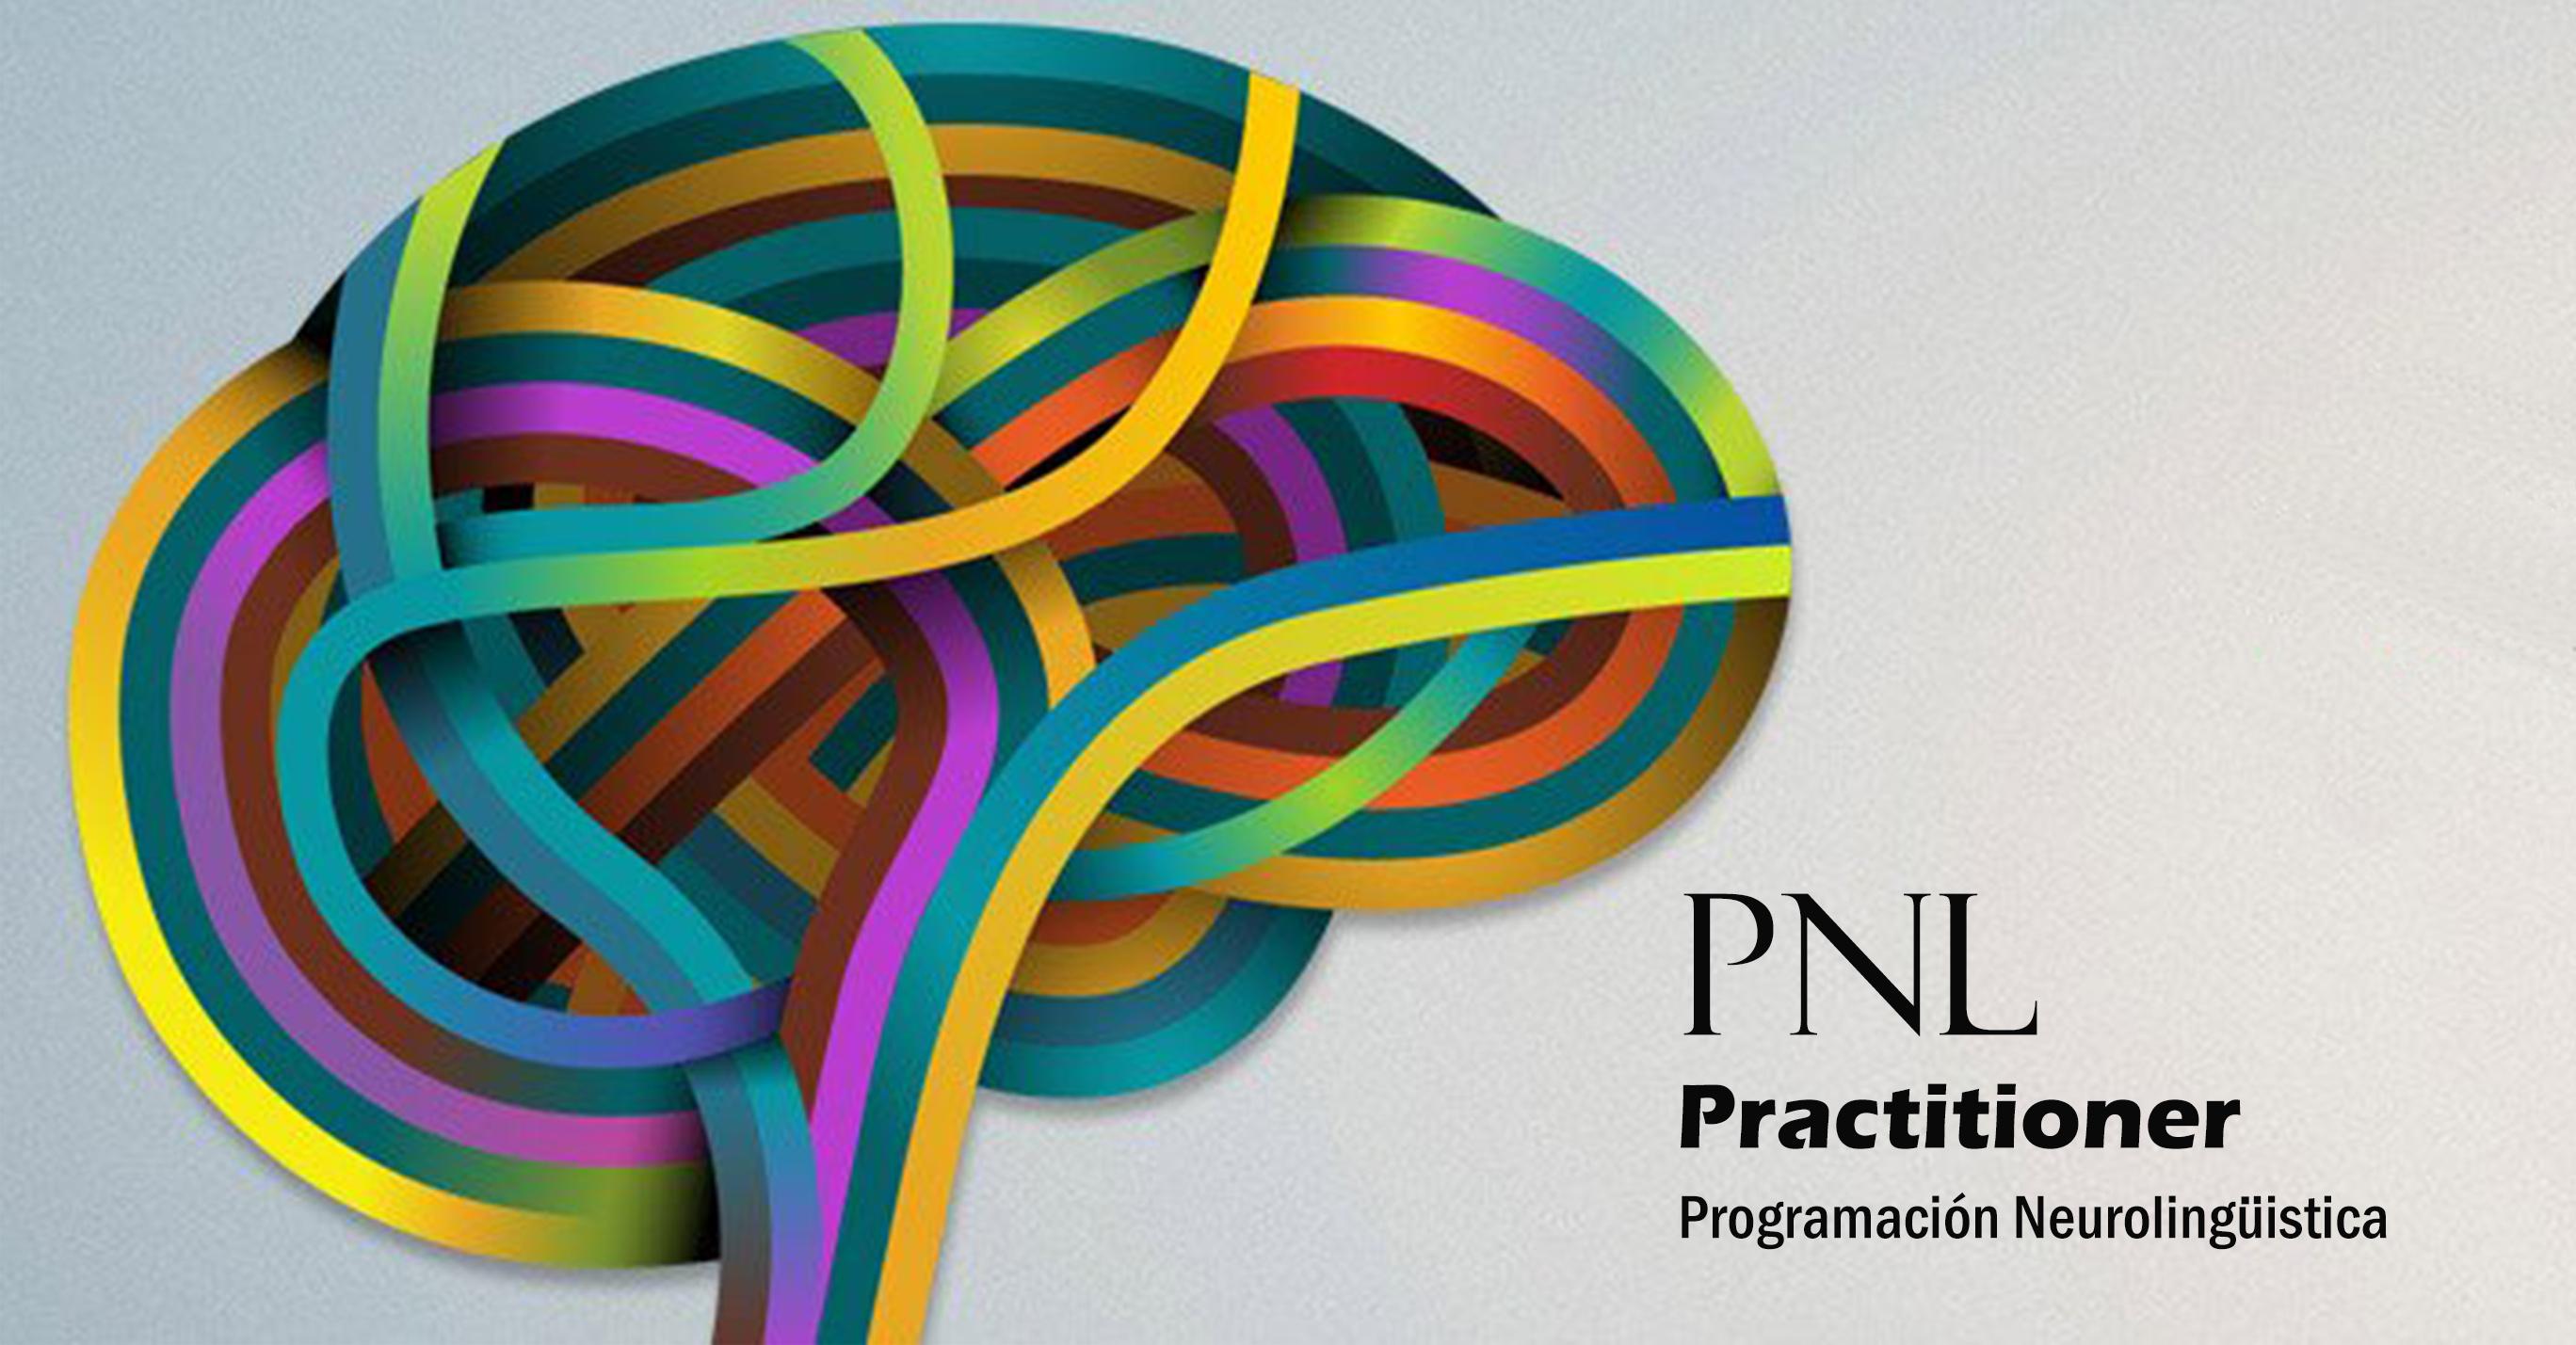 Programa del Curso PNL Practitioner